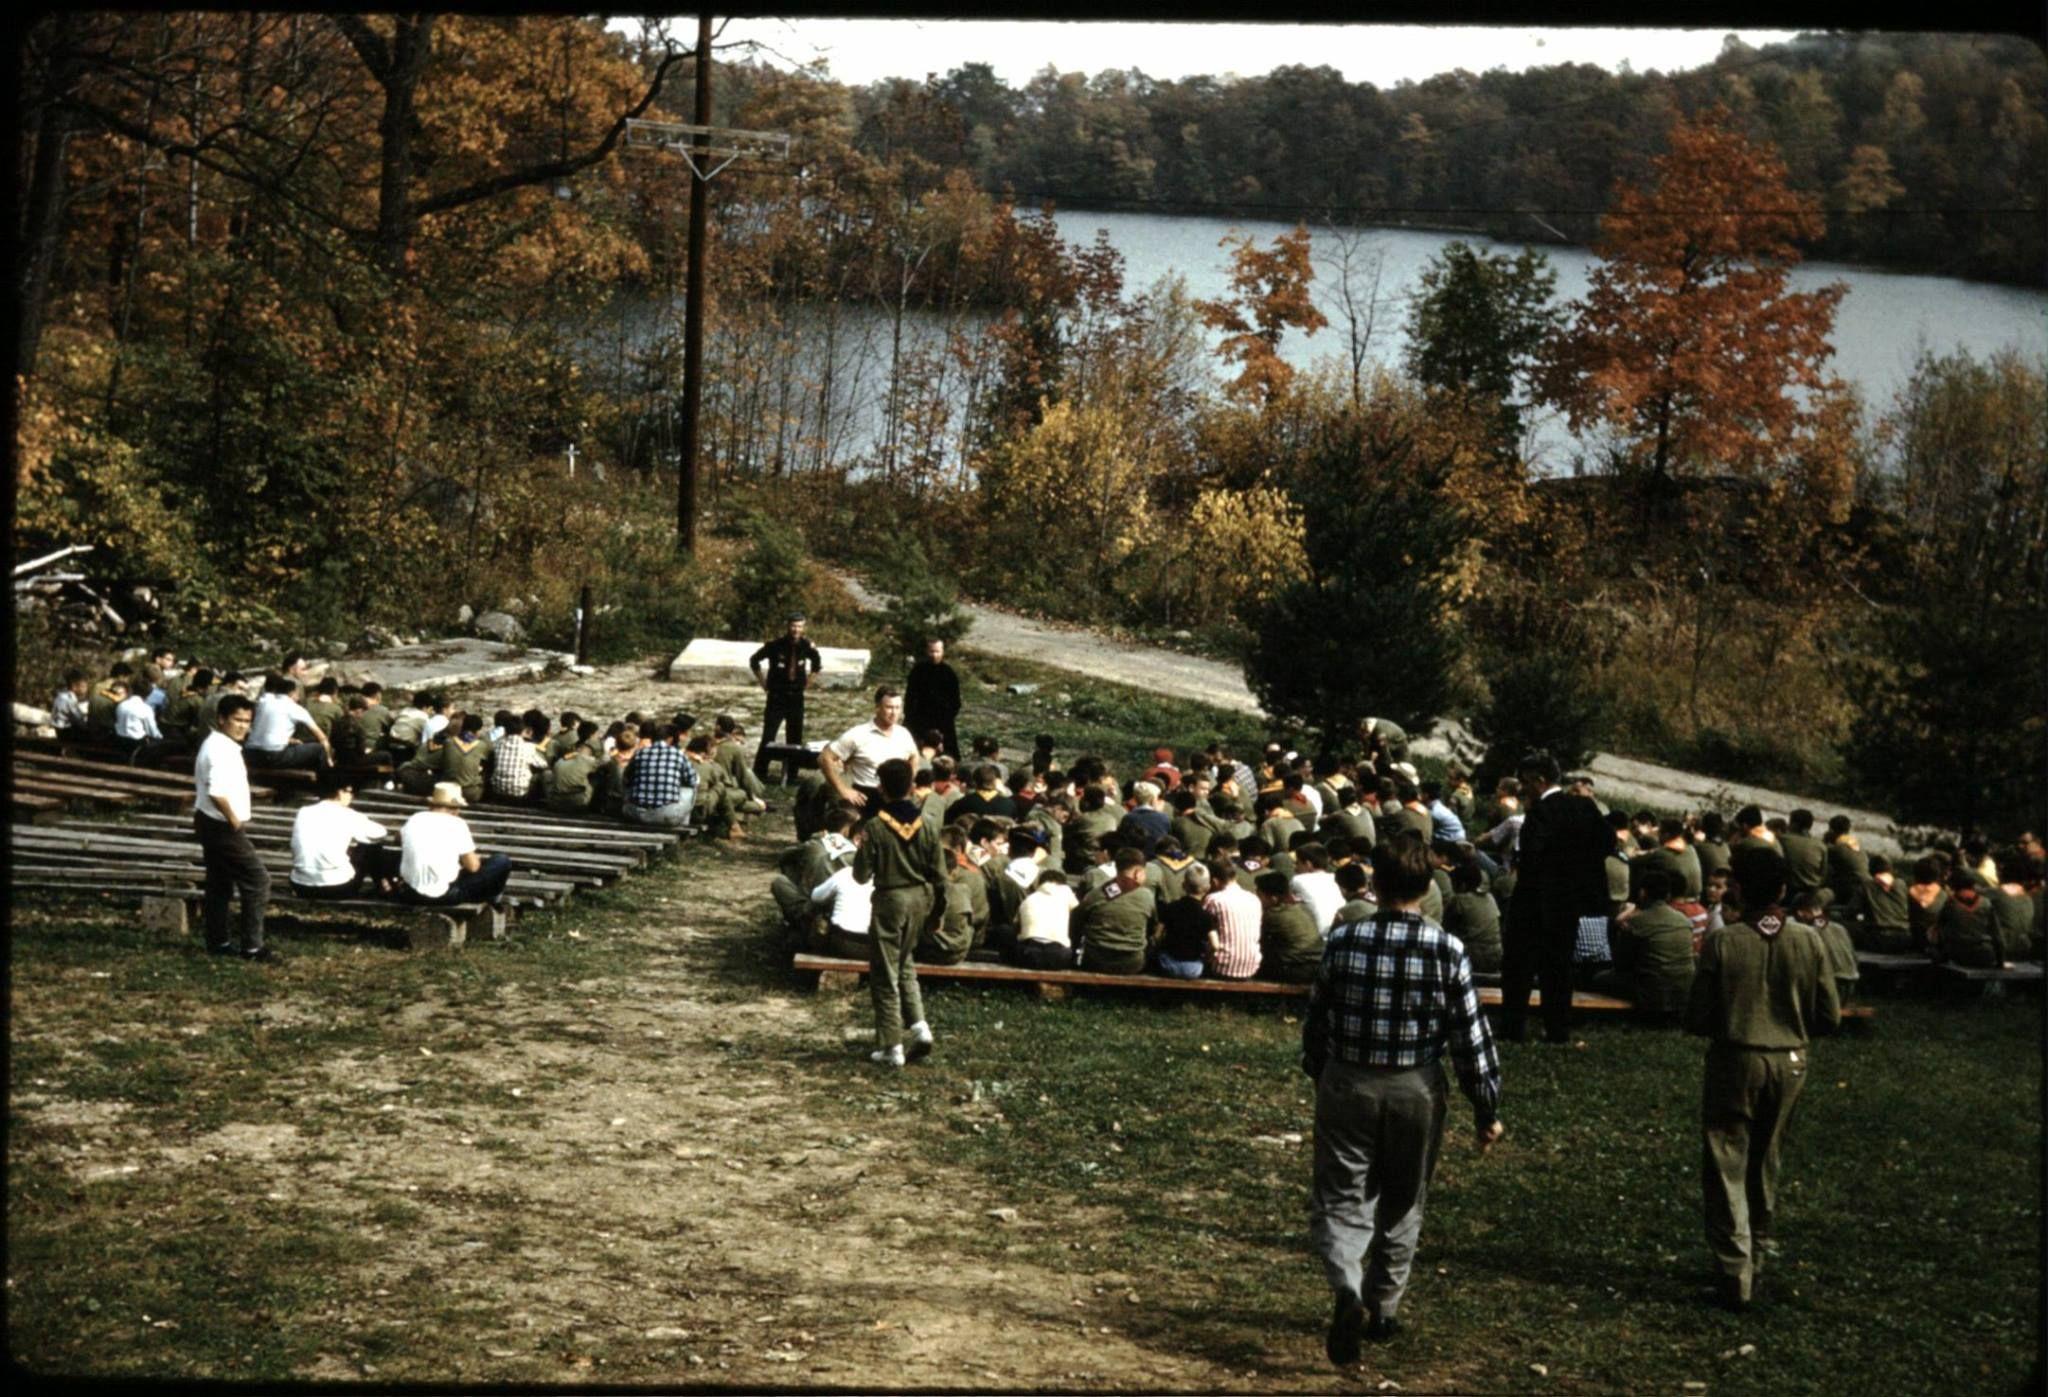 Camp Aheka in Towaco NJ Photo courtesy of James Marrocco | Vintage